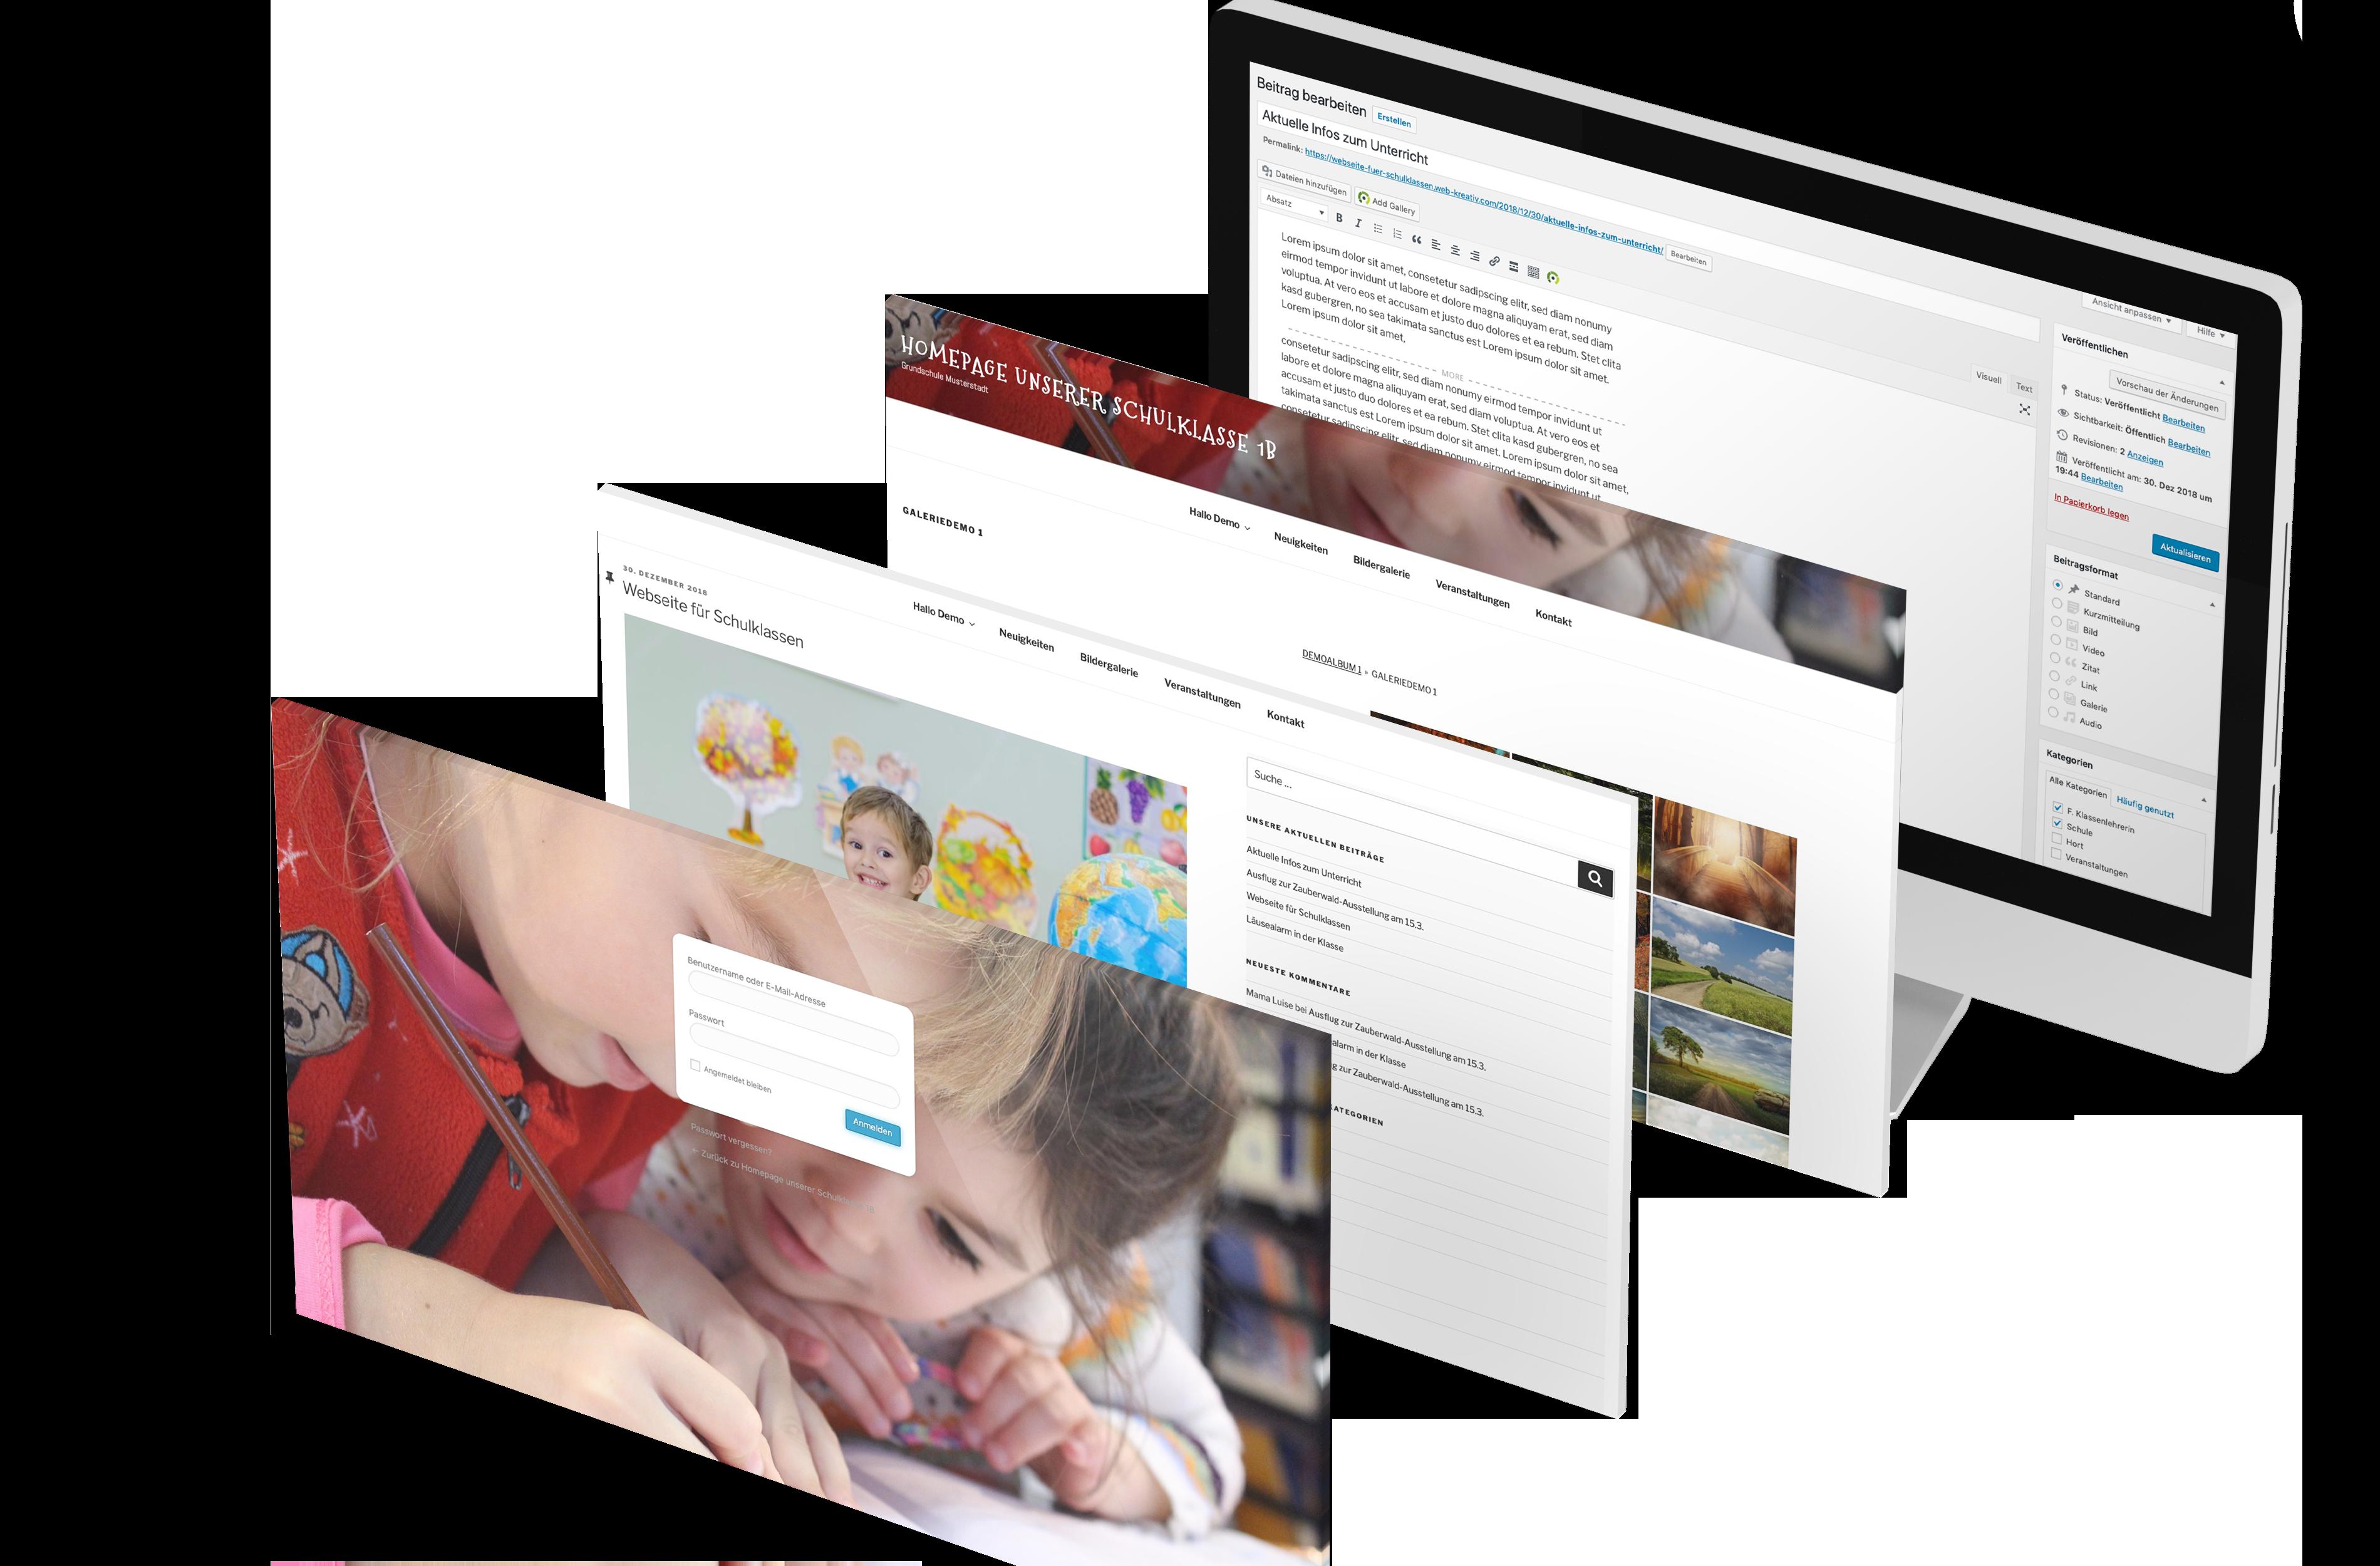 Klassenhomepage für Schulklassen - Portfolio © 2019 Web-Kreativ WordPress Webdesign Manufaktur